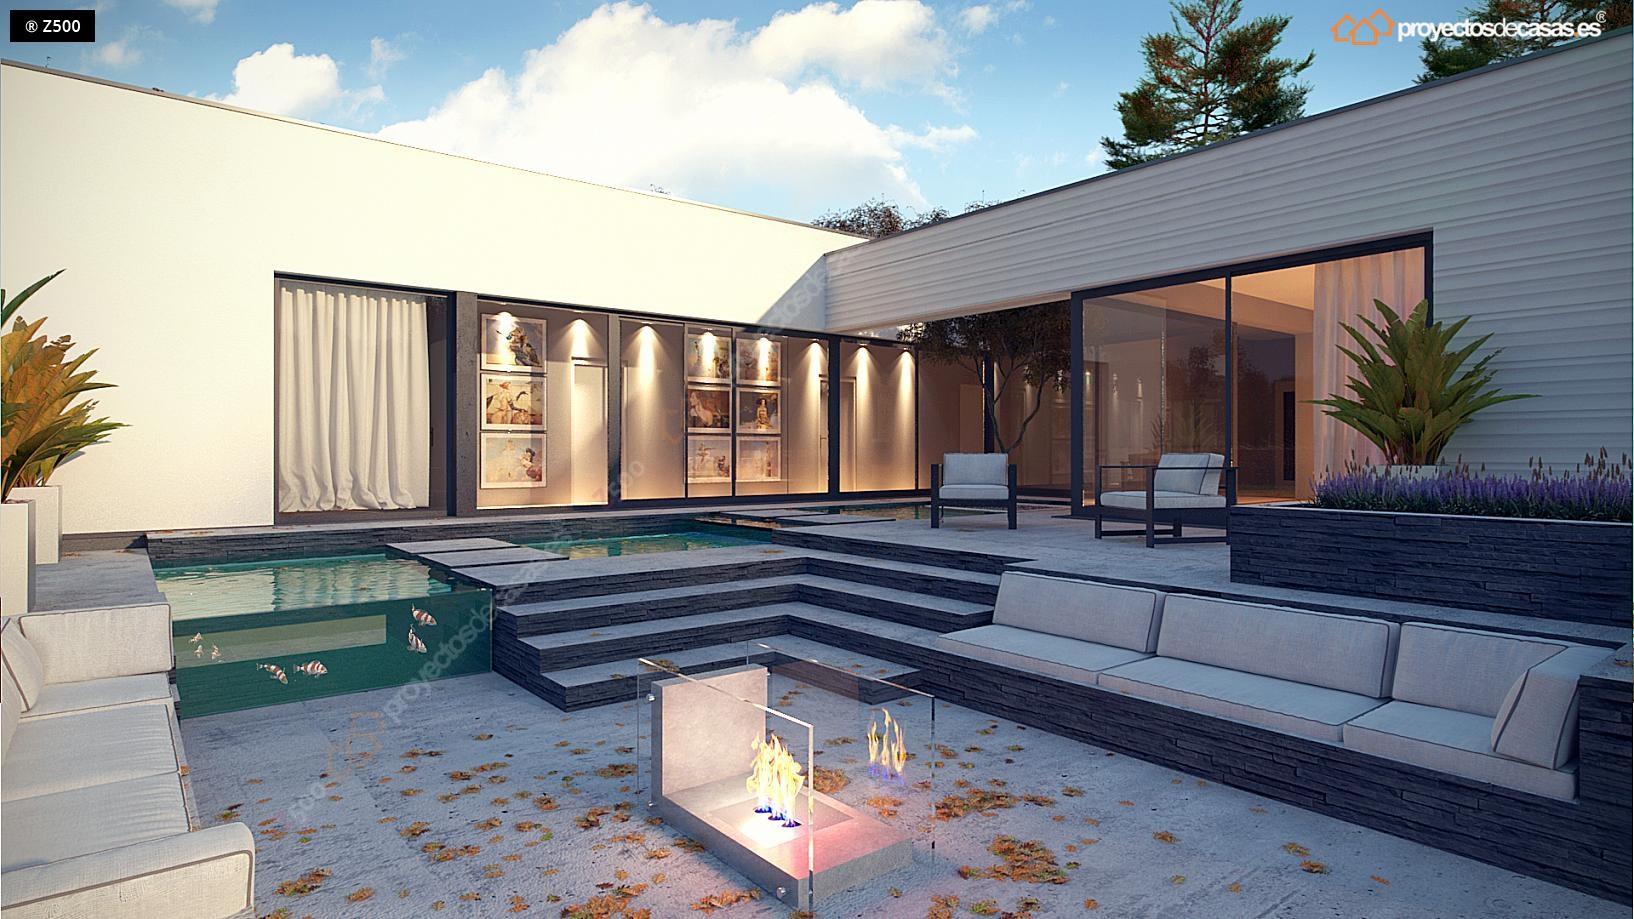 Proyectos de casas casa moderna de 1 planta con piscina for Proyectos casas modernas